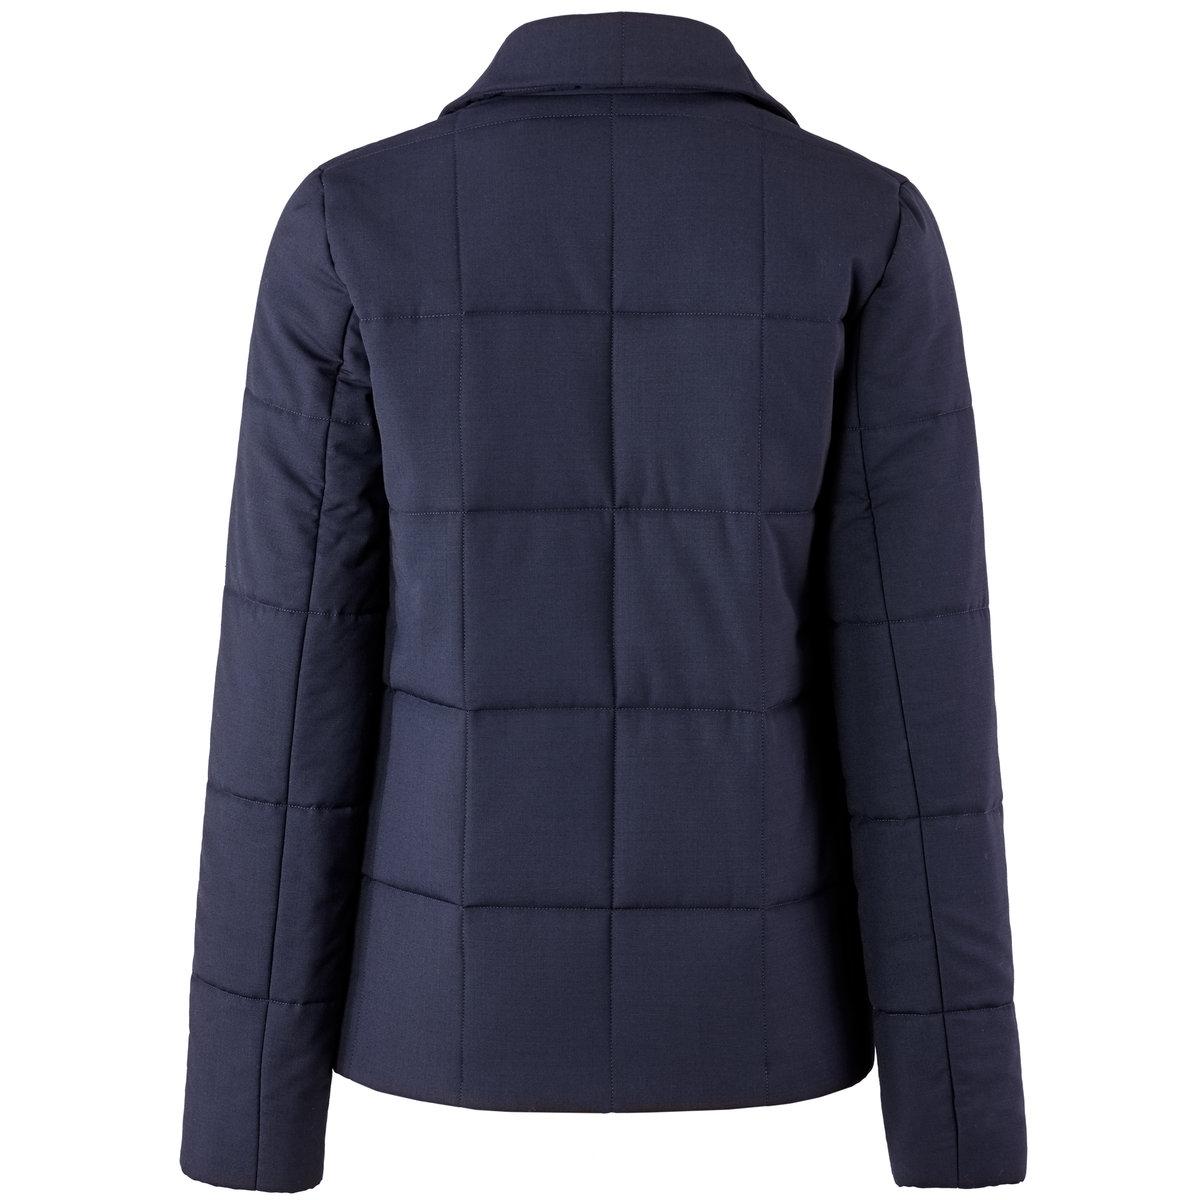 Пиджак стеганый – ETIENNE DEROEUX POUR R/essentielСтеганый пиджак ETIENNE DEROEUX POUR R/essentiel, 64% полиэстера, 34% вискозы, 2% эластана.      Подкладка из 100% вискозы. Английский воротник. Застежка на пуговицы. 2 накладных кармана. Длина 63 см.Прямой пиджак, покоряющий своей простотой, сочетается с джинсами или прямыми брюками на каждый день.<br><br>Цвет: темно-зеленый,темно-синий<br>Размер: 38 (FR) - 44 (RUS).34 (FR) - 40 (RUS).38 (FR) - 44 (RUS)